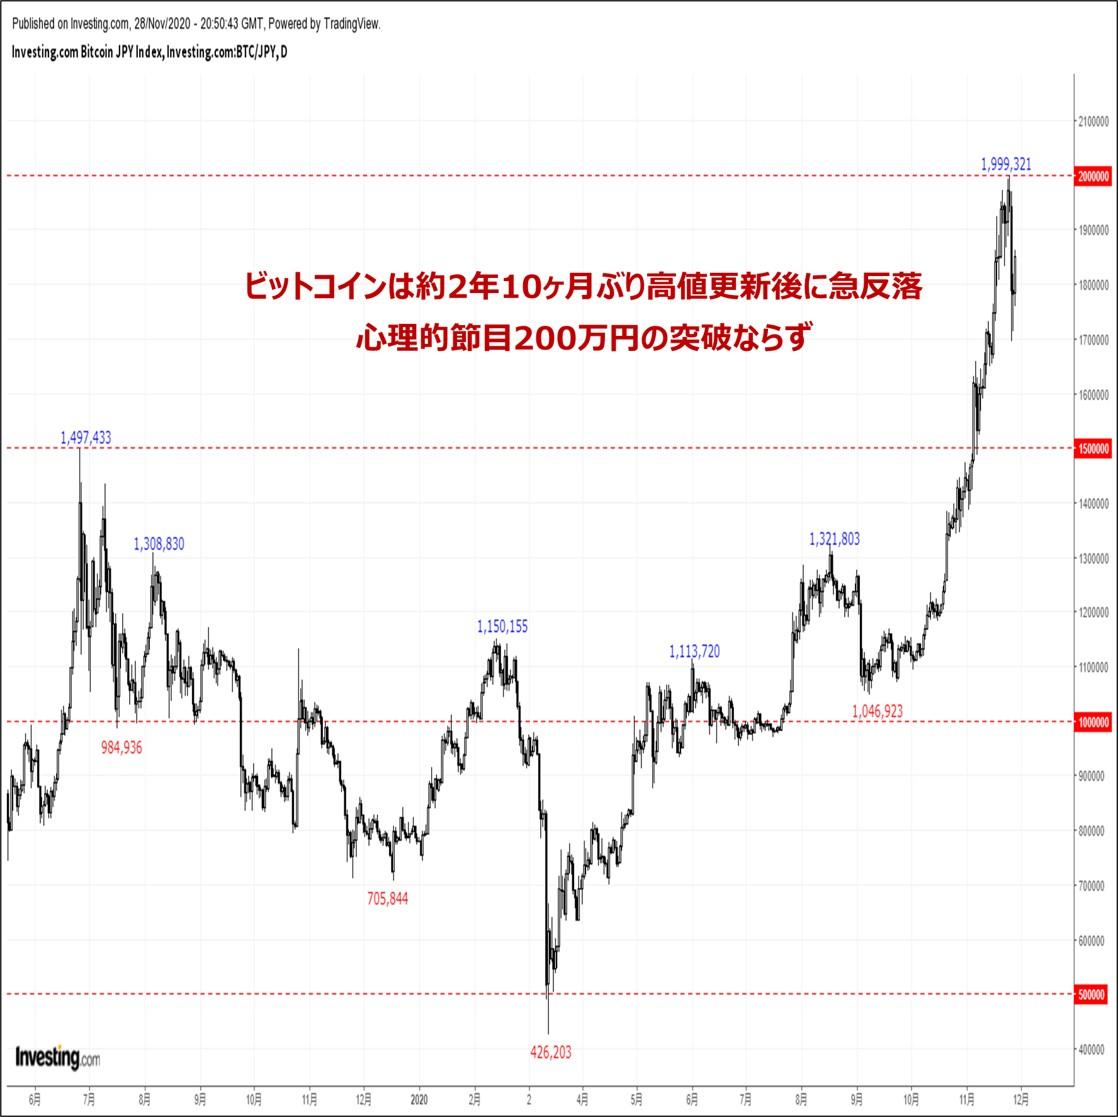 ビットコインの価格分析:『高値圏から急反落。心理的節目200万円トライに失敗』